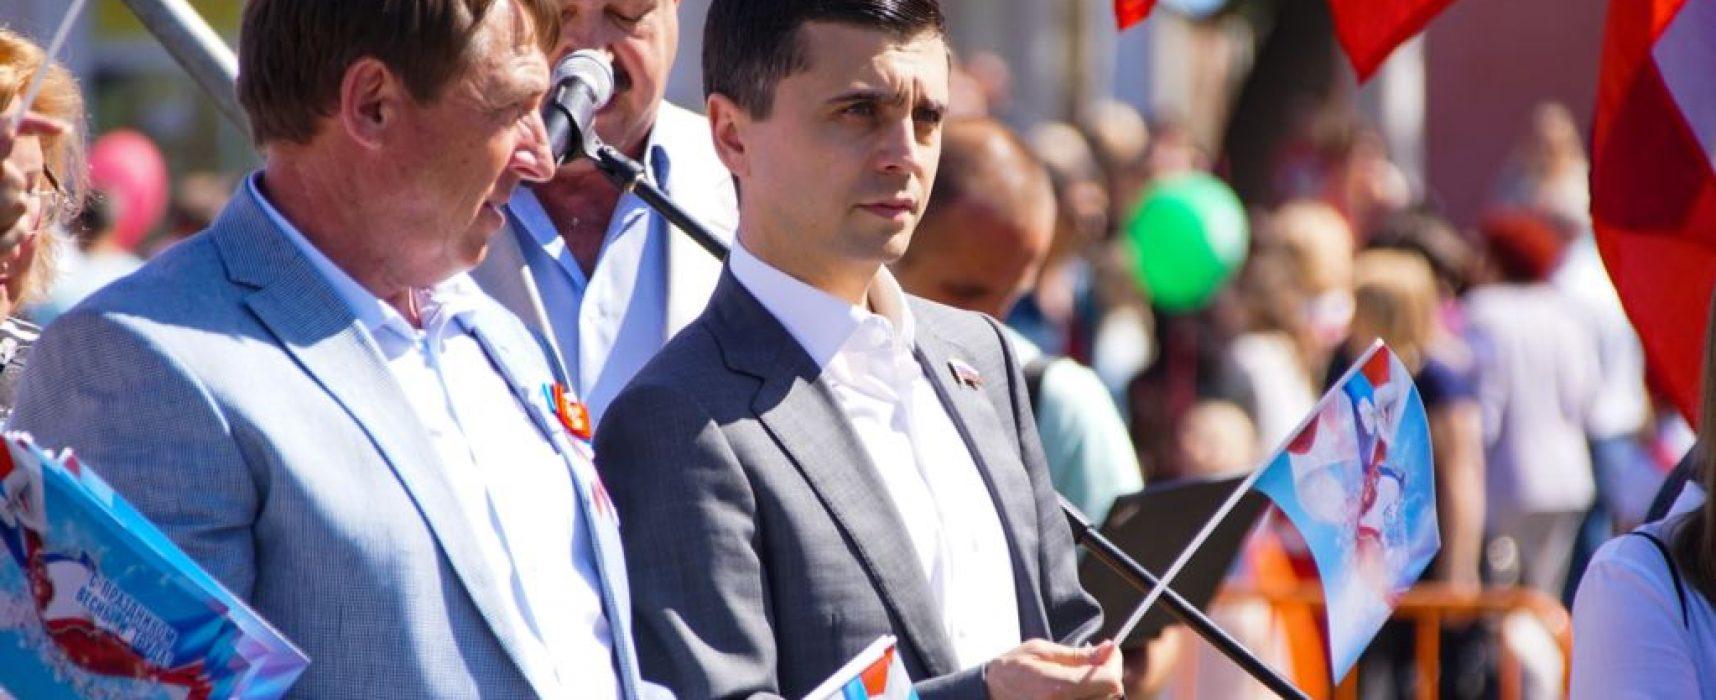 «Справжня правда – не на користь Росії». Експерти про кримських колаборантів і російську пропаганду